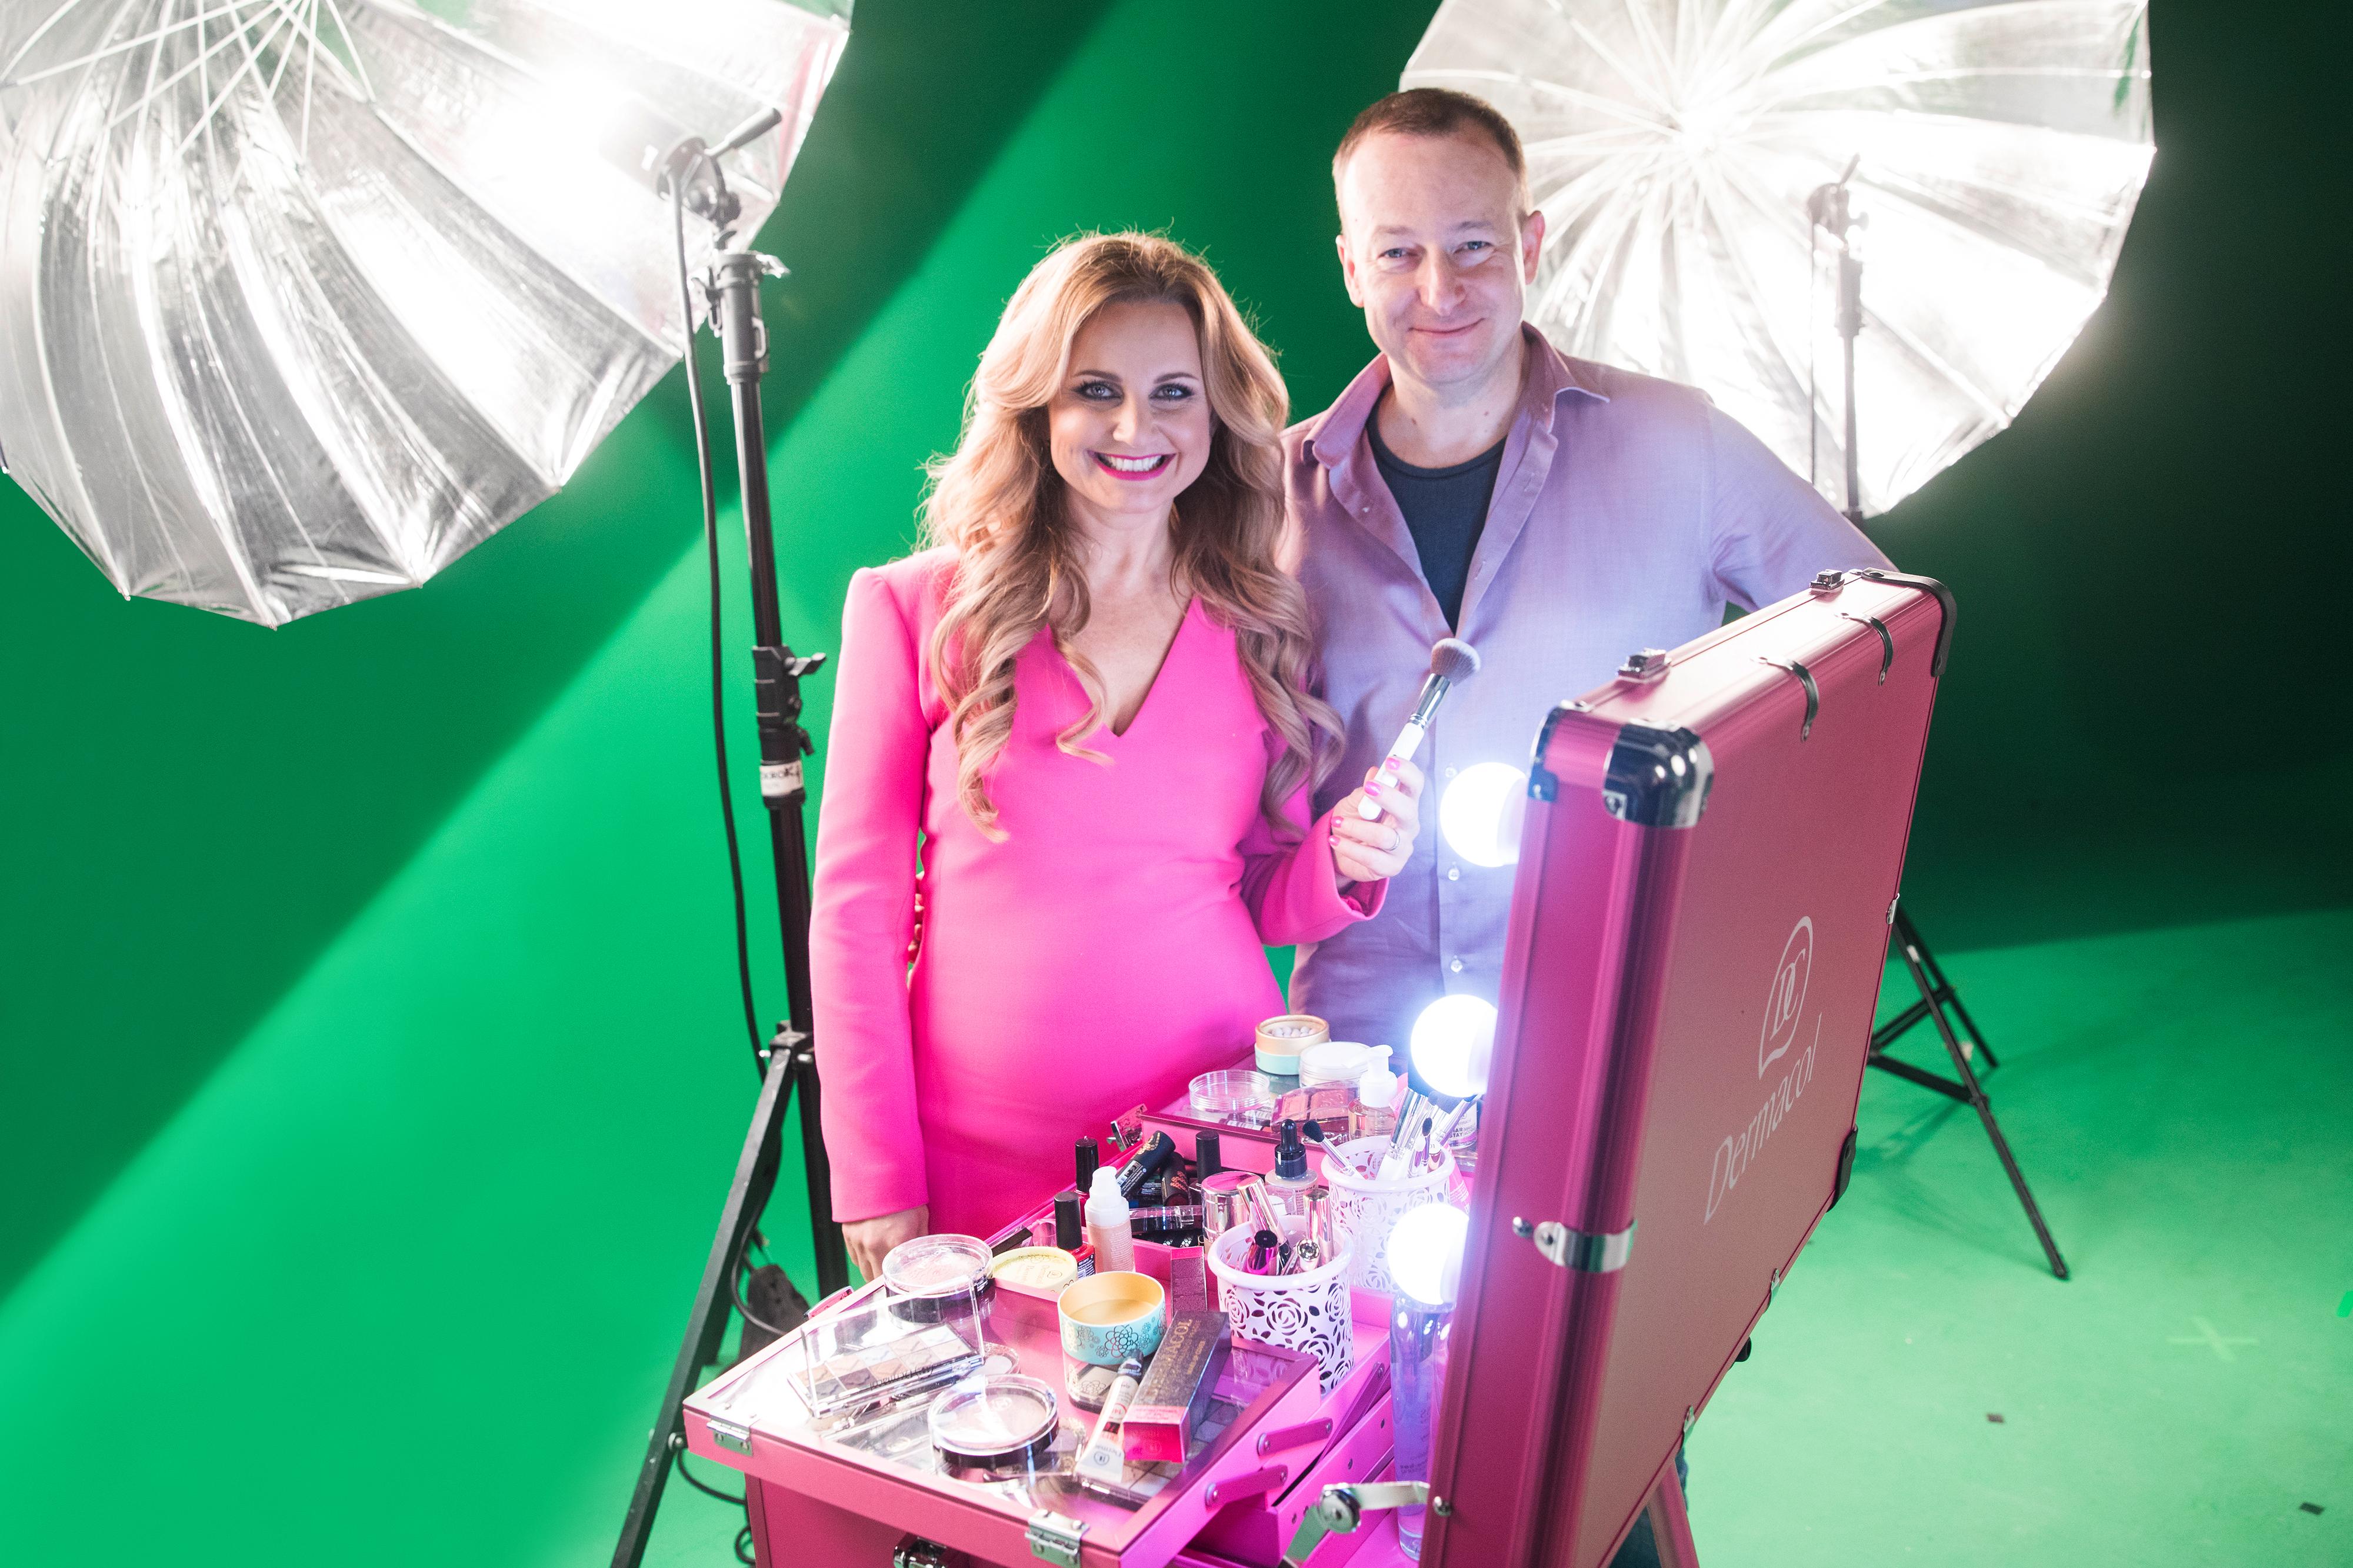 5_Manželé Věra a Vladimír Komárovi při natáčení reklamního spotu na nový make up značky Dermacol_foto archiv Dermacol_repro zdarma